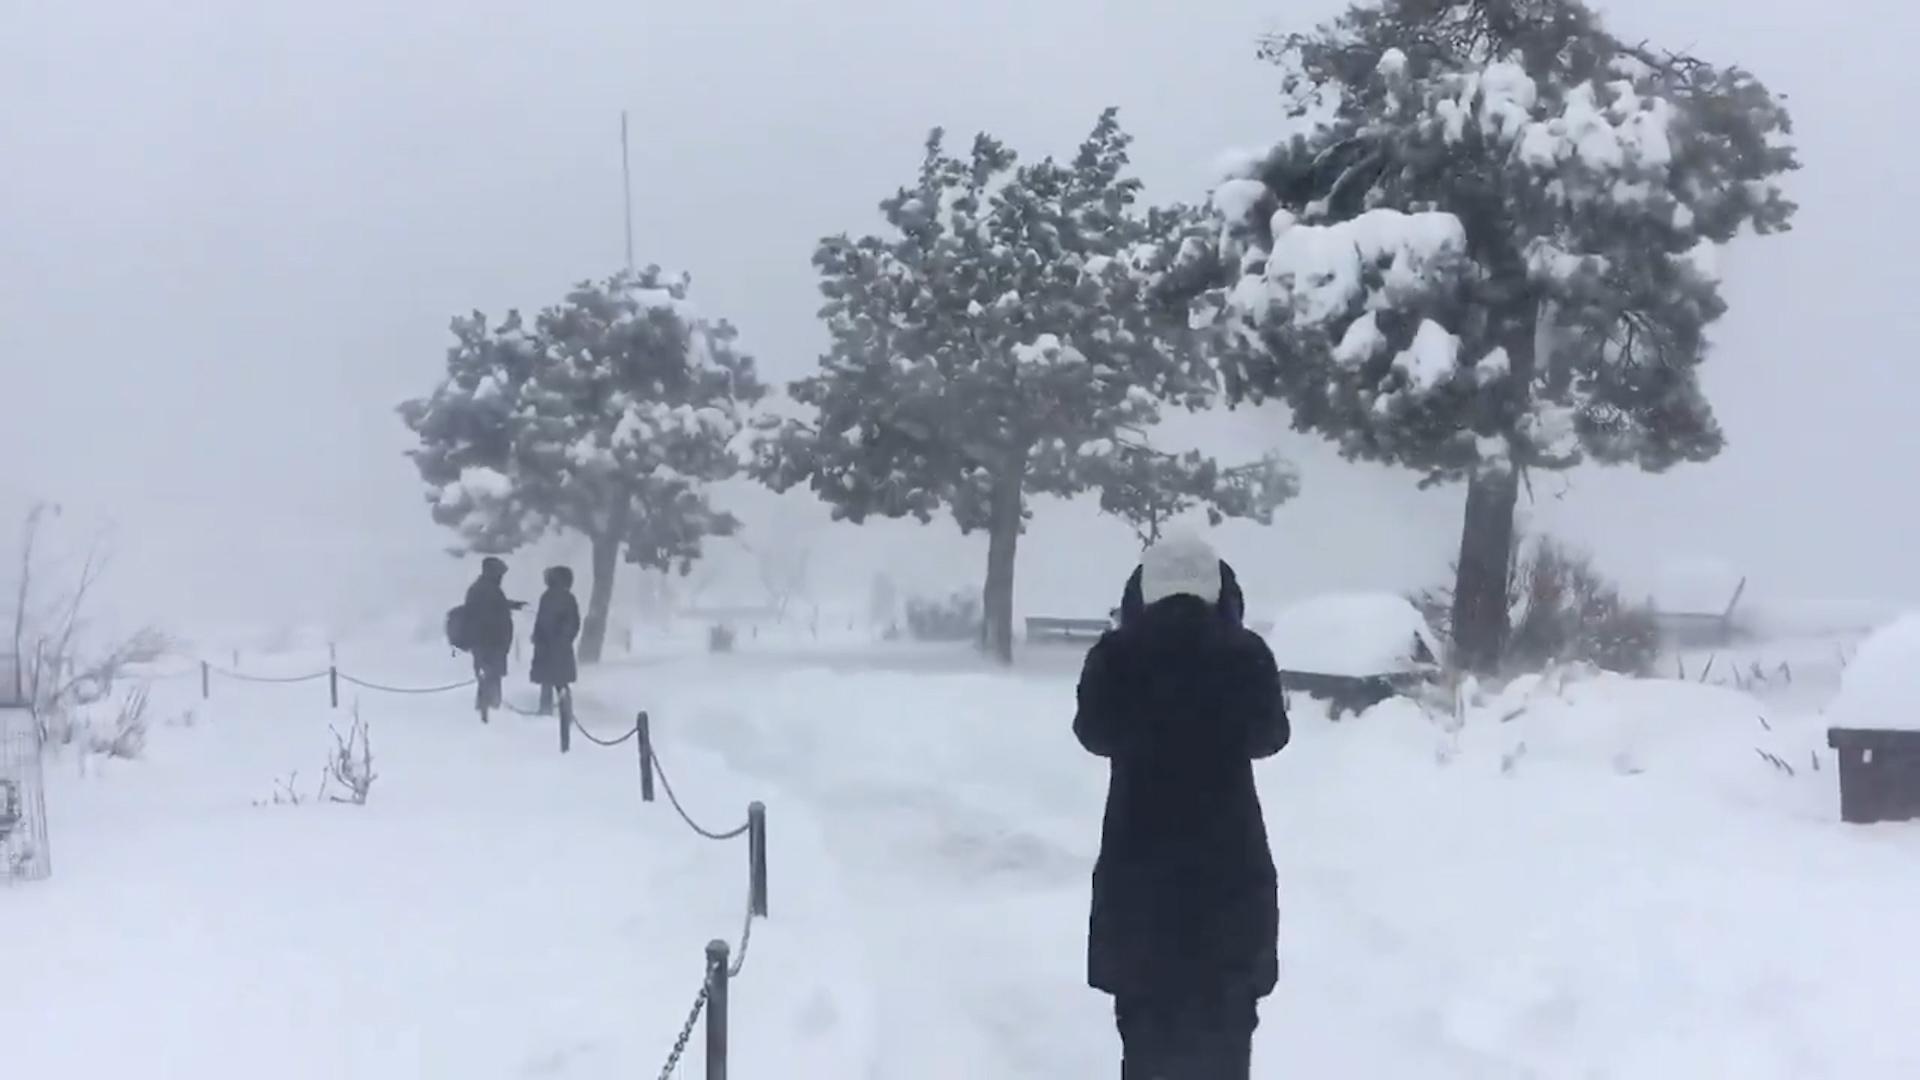 Rüyada Çok Sağanak Bir Yağmur Kar Dolu Yağdığını Yolda Görmek